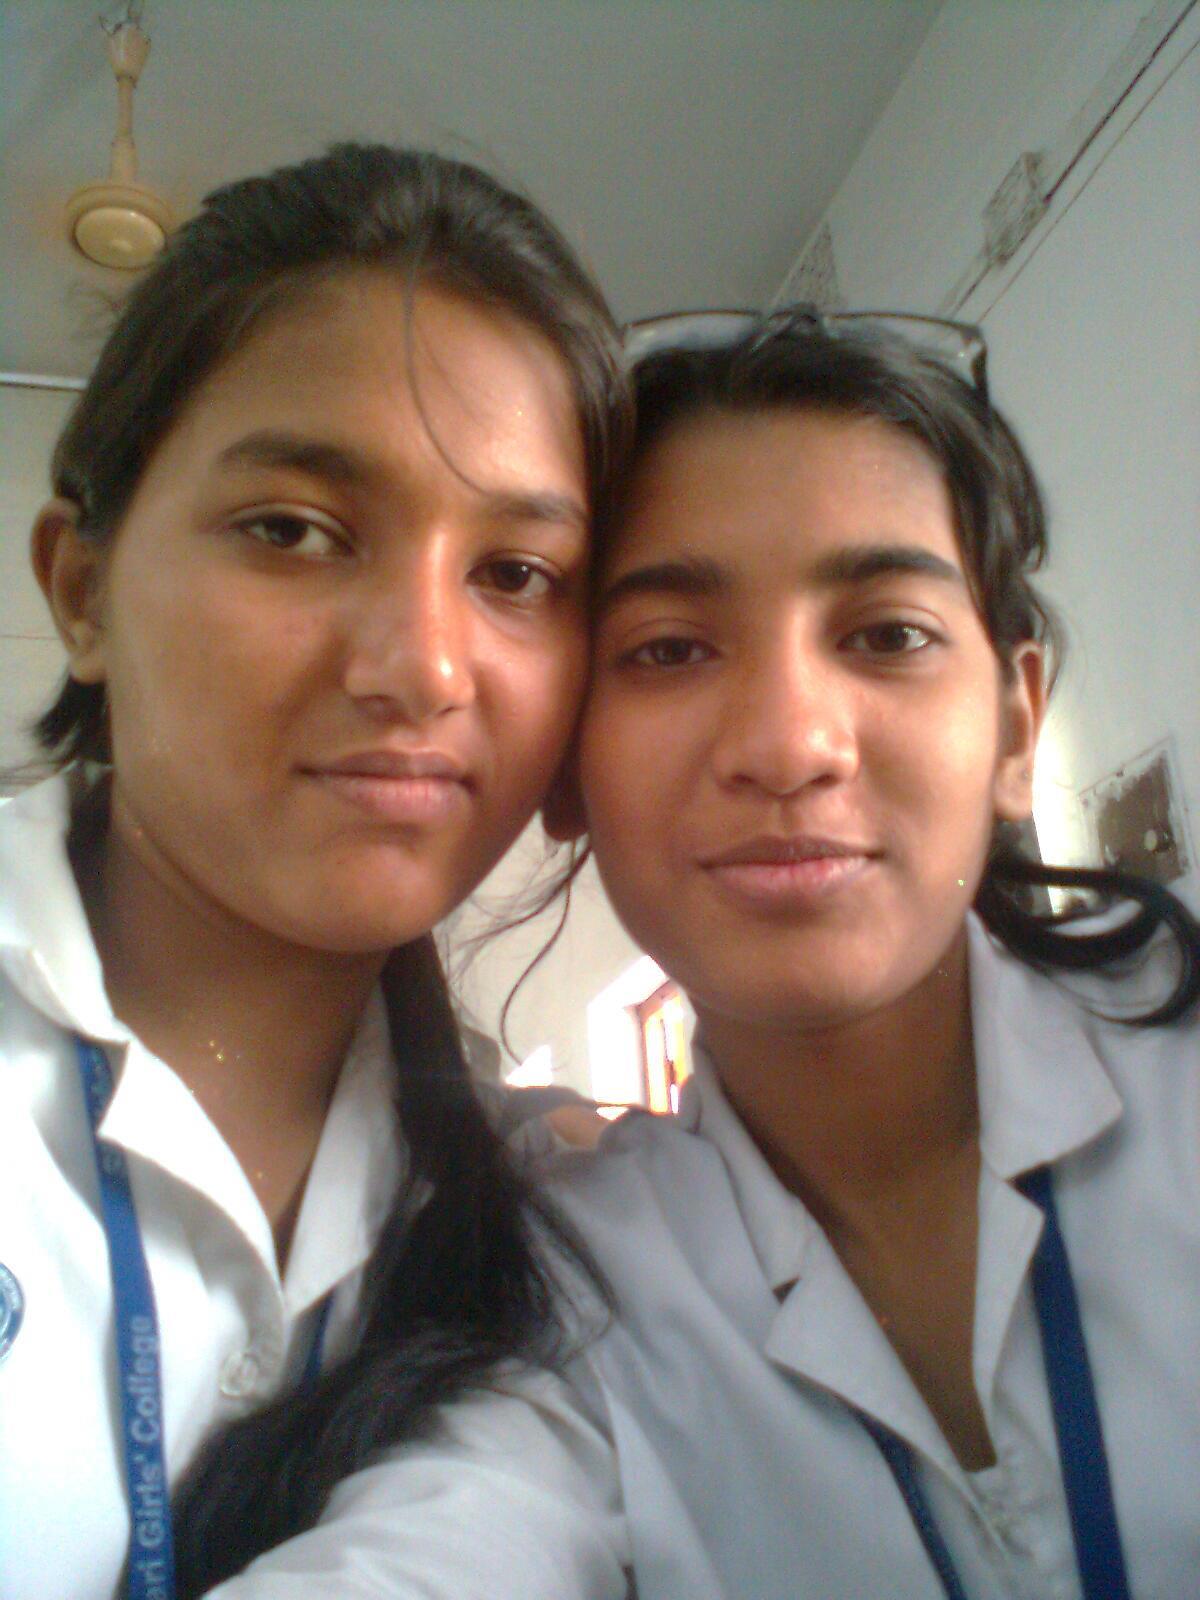 Frække piger rundt om i verden bangladeshiske Cute Teen pige i-3680